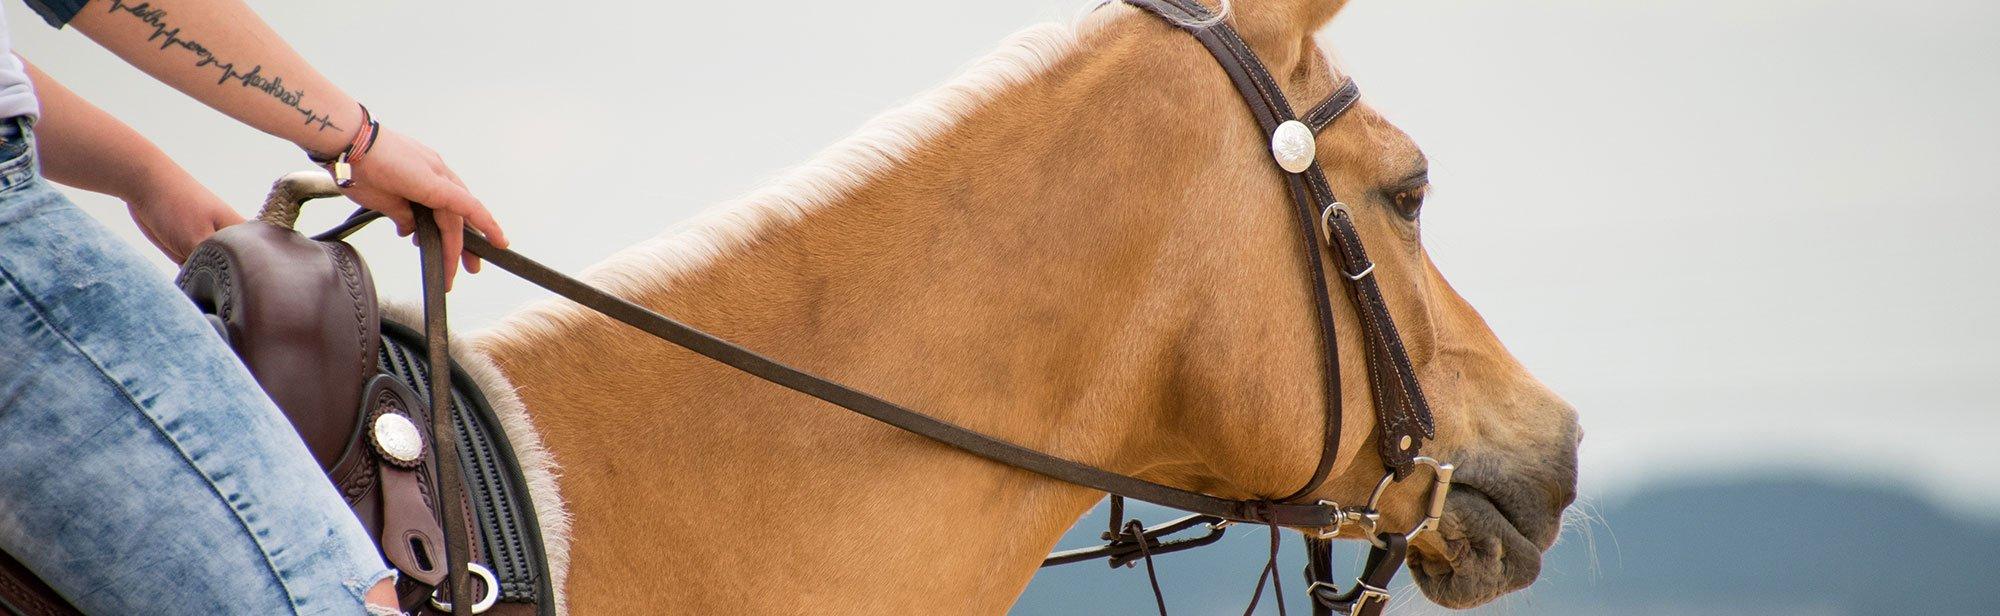 Zügel & Hilfszügel für Pferde